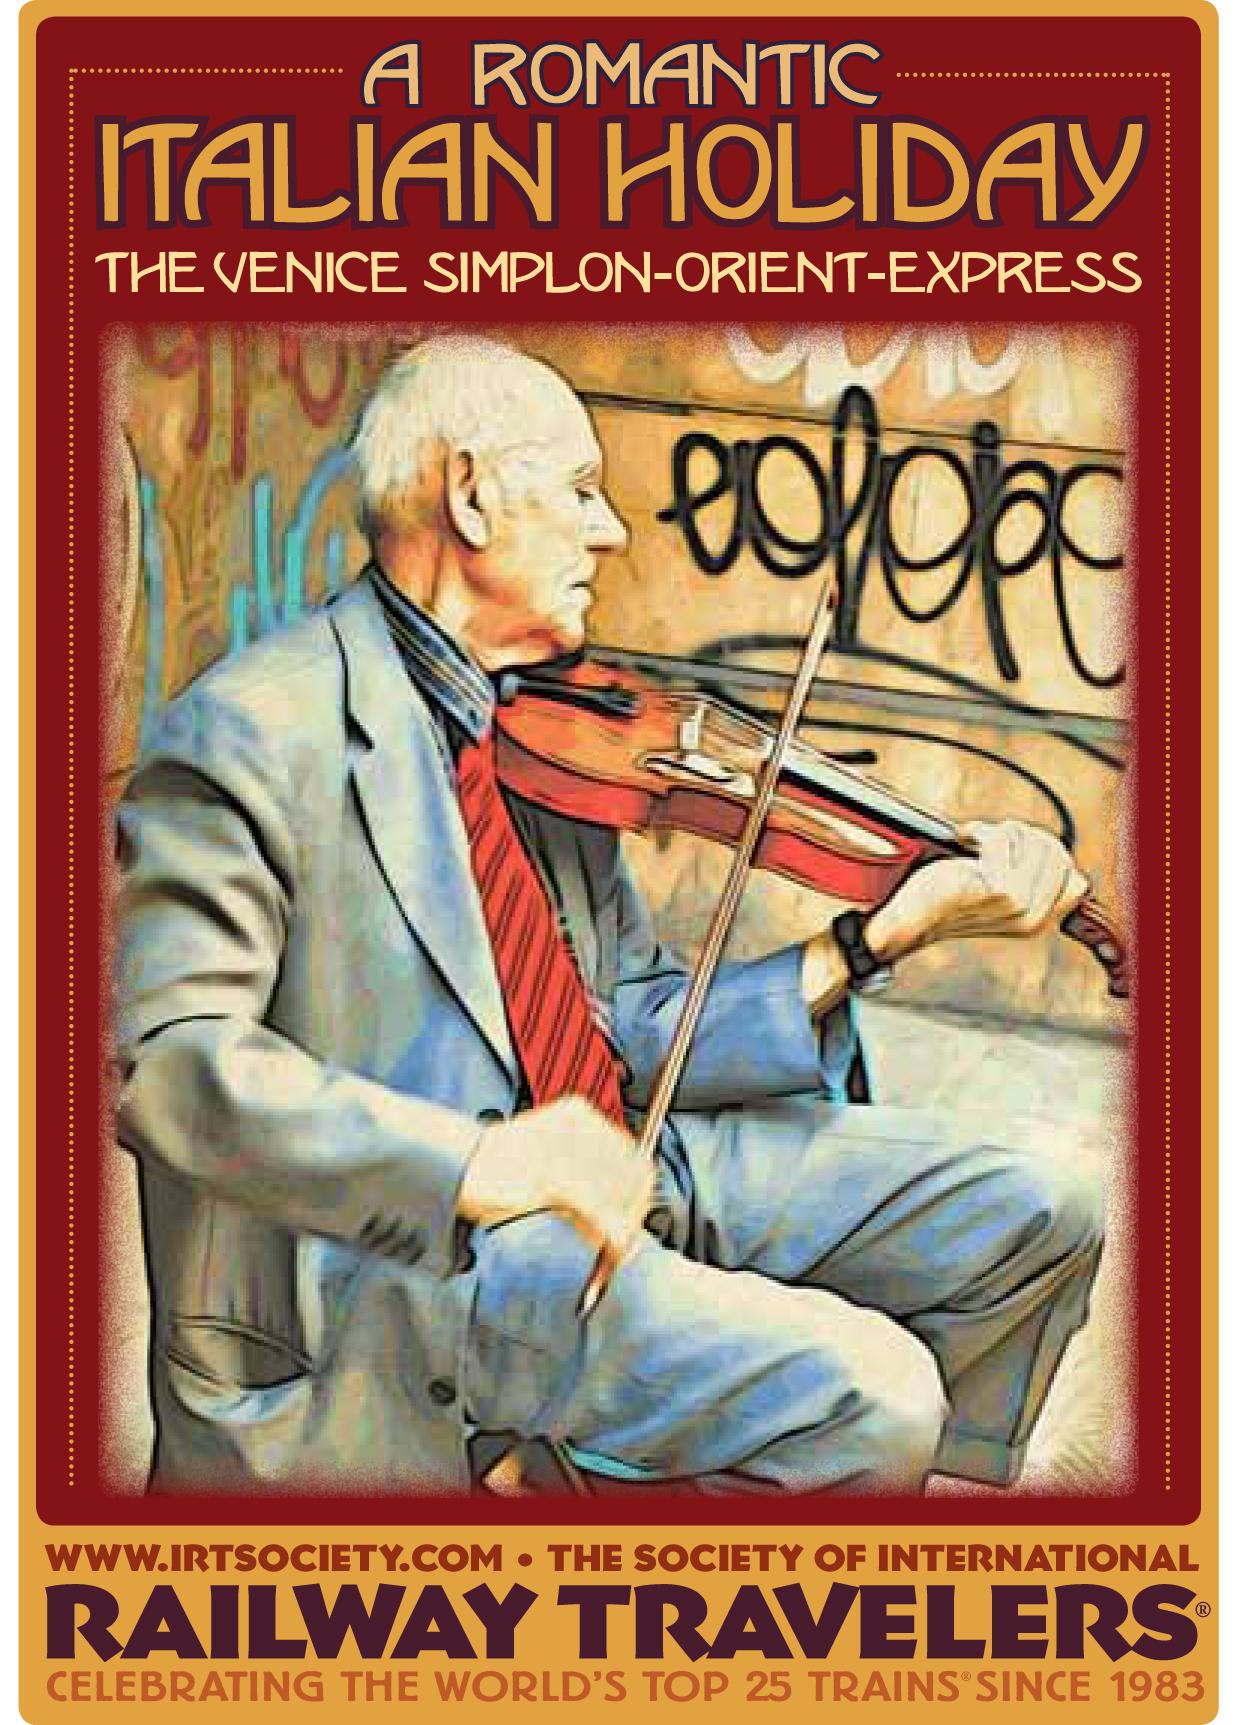 IRT 2015 Italy Violin Postcd LR copy